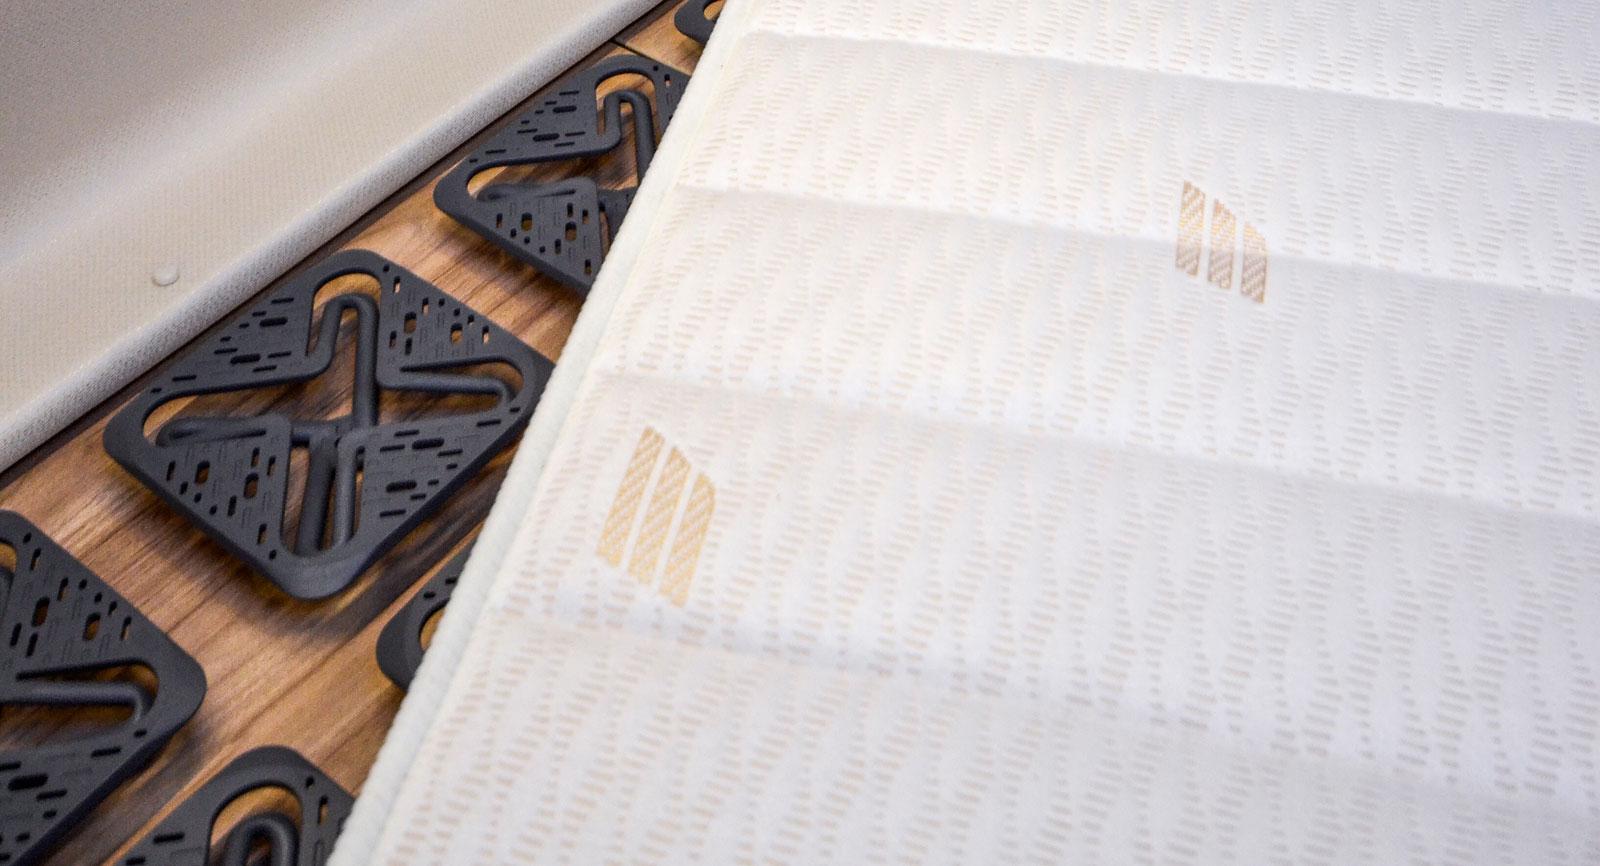 Hymertypisk kvalitet i madrasser och med Froli-fjädrar under.